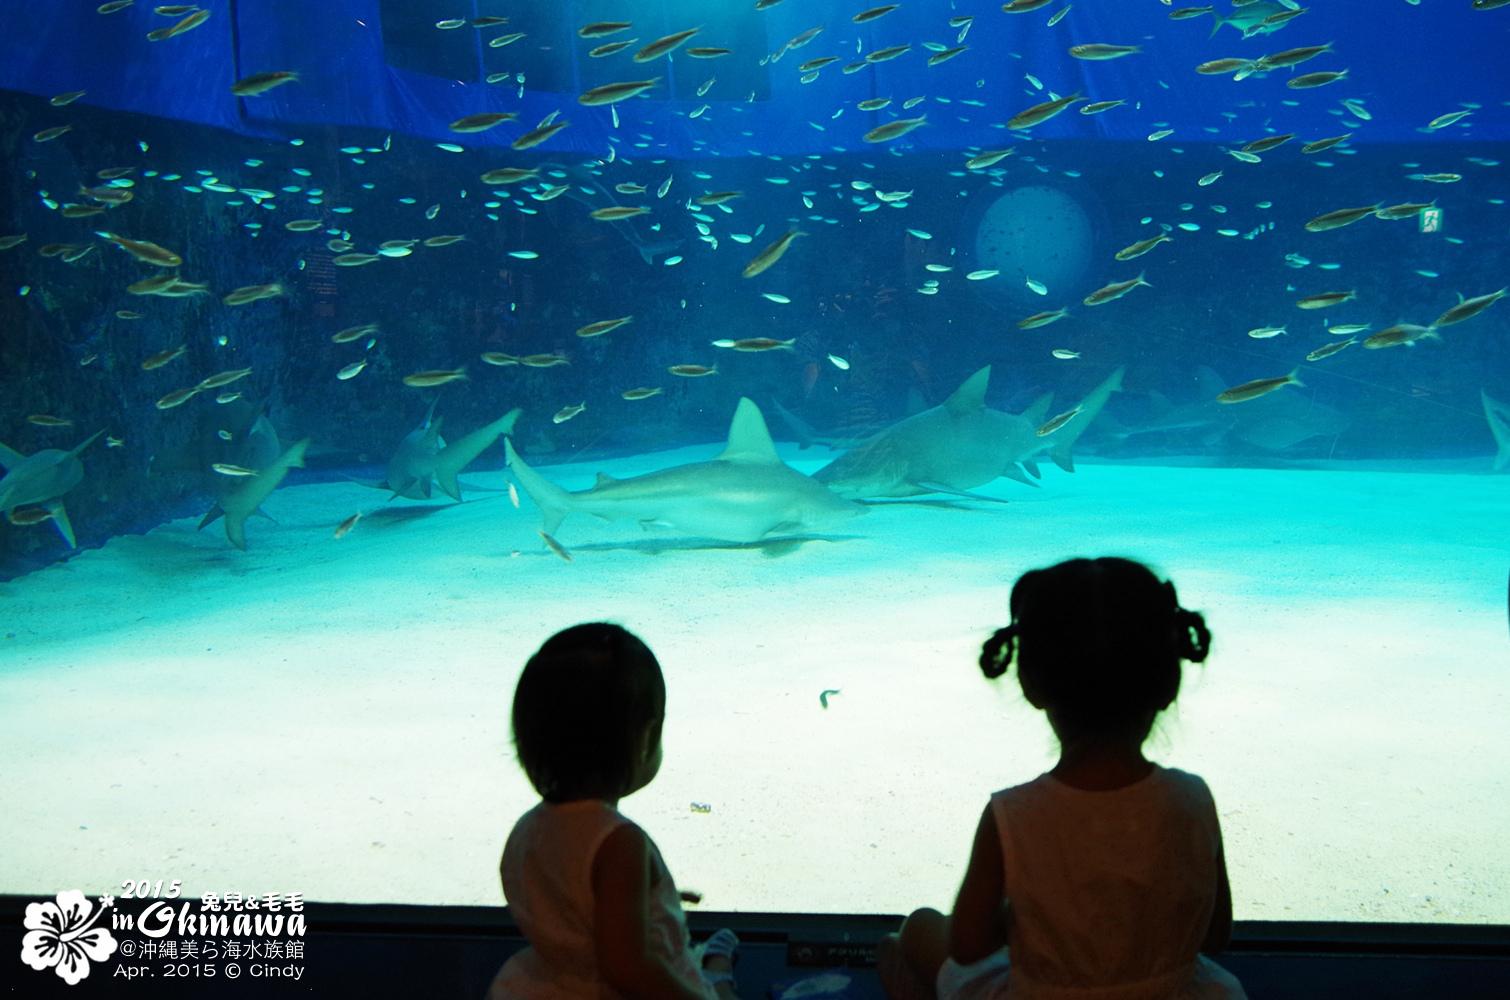 2015-0405-沖縄美ら海水族館-27.jpg